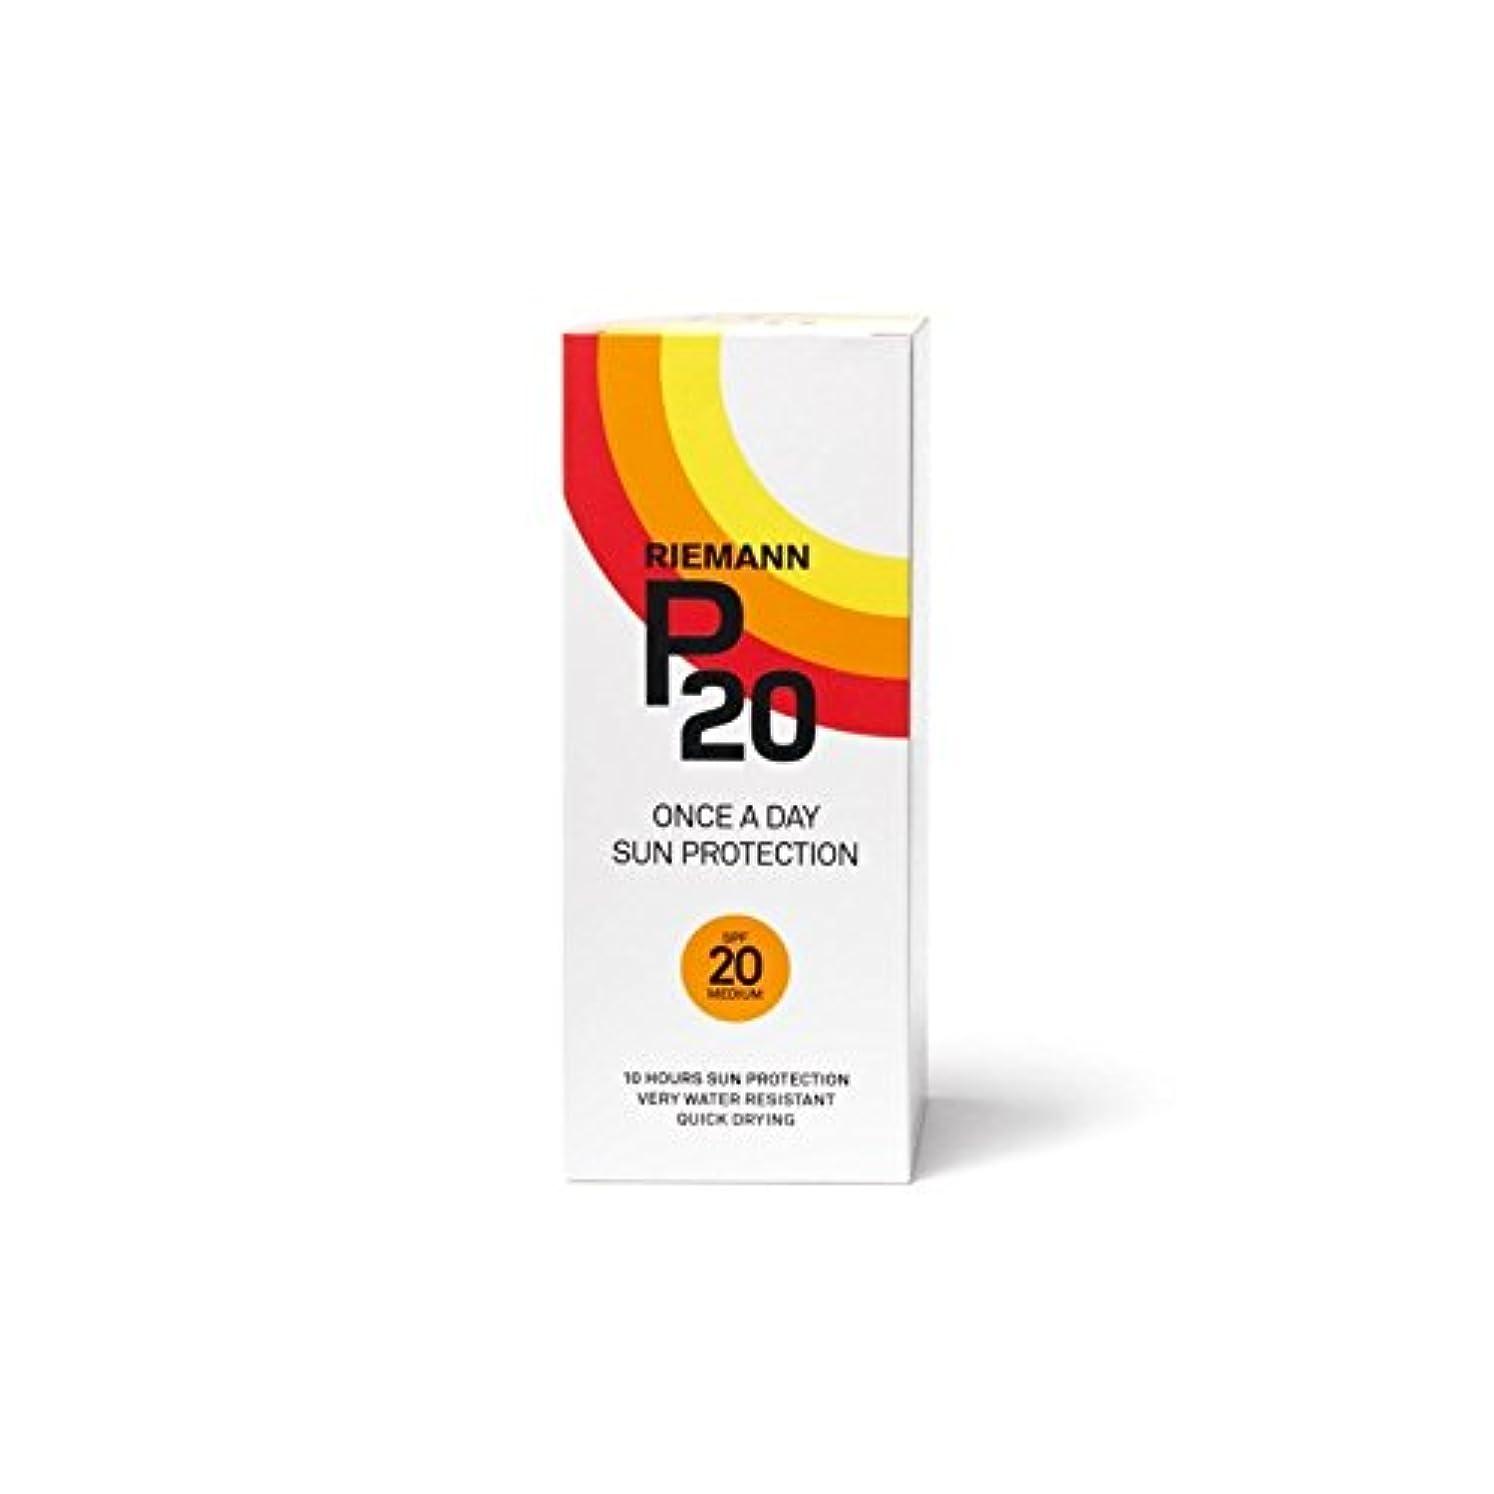 くすぐったい喉頭散らすリーマン20のサンフィルター200ミリリットル20 x4 - Riemann P20 Sun Filter 200ml SPF20 (Pack of 4) [並行輸入品]